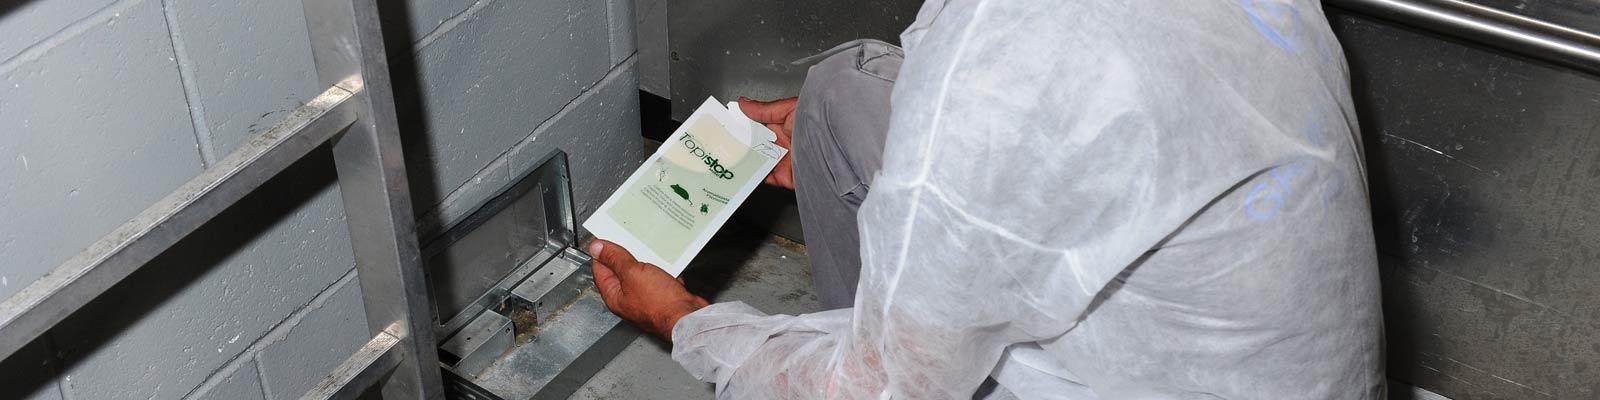 Monitoraggio disinfestazione insetti